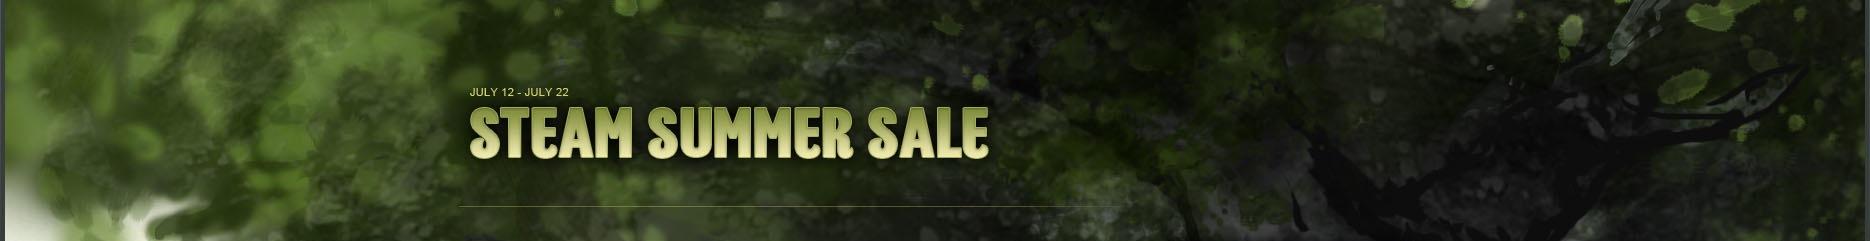 Steam 2012 Summer Sale